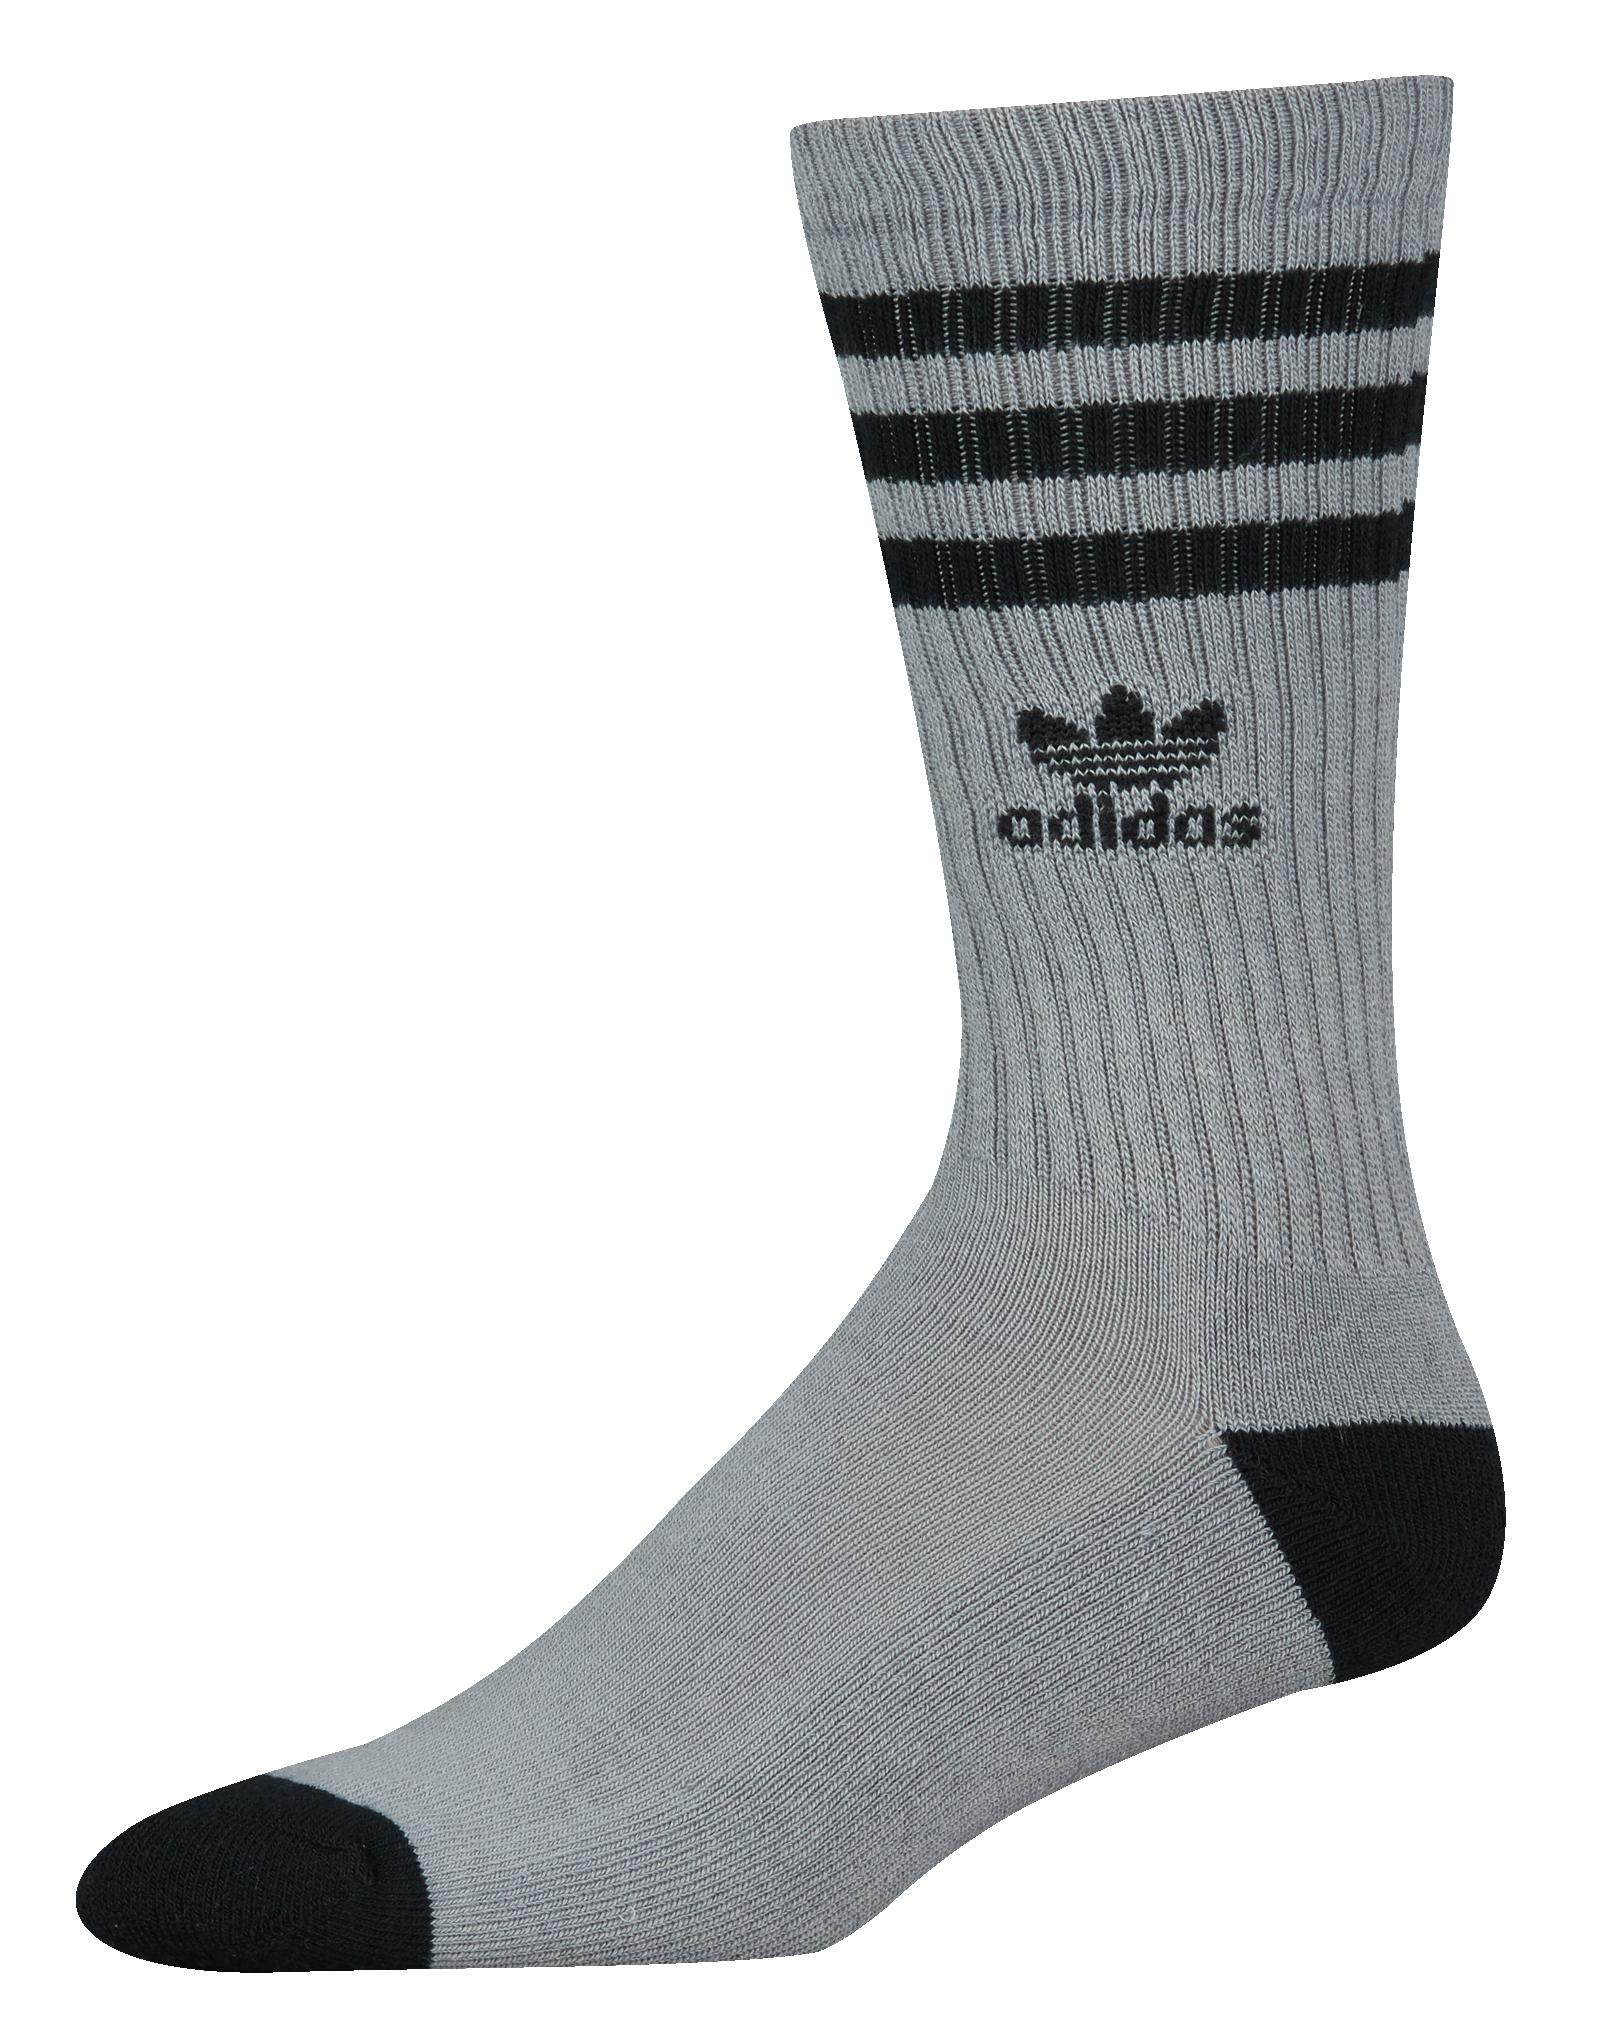 Adidas Originals Roller Crew Socks Men S Foot Locker